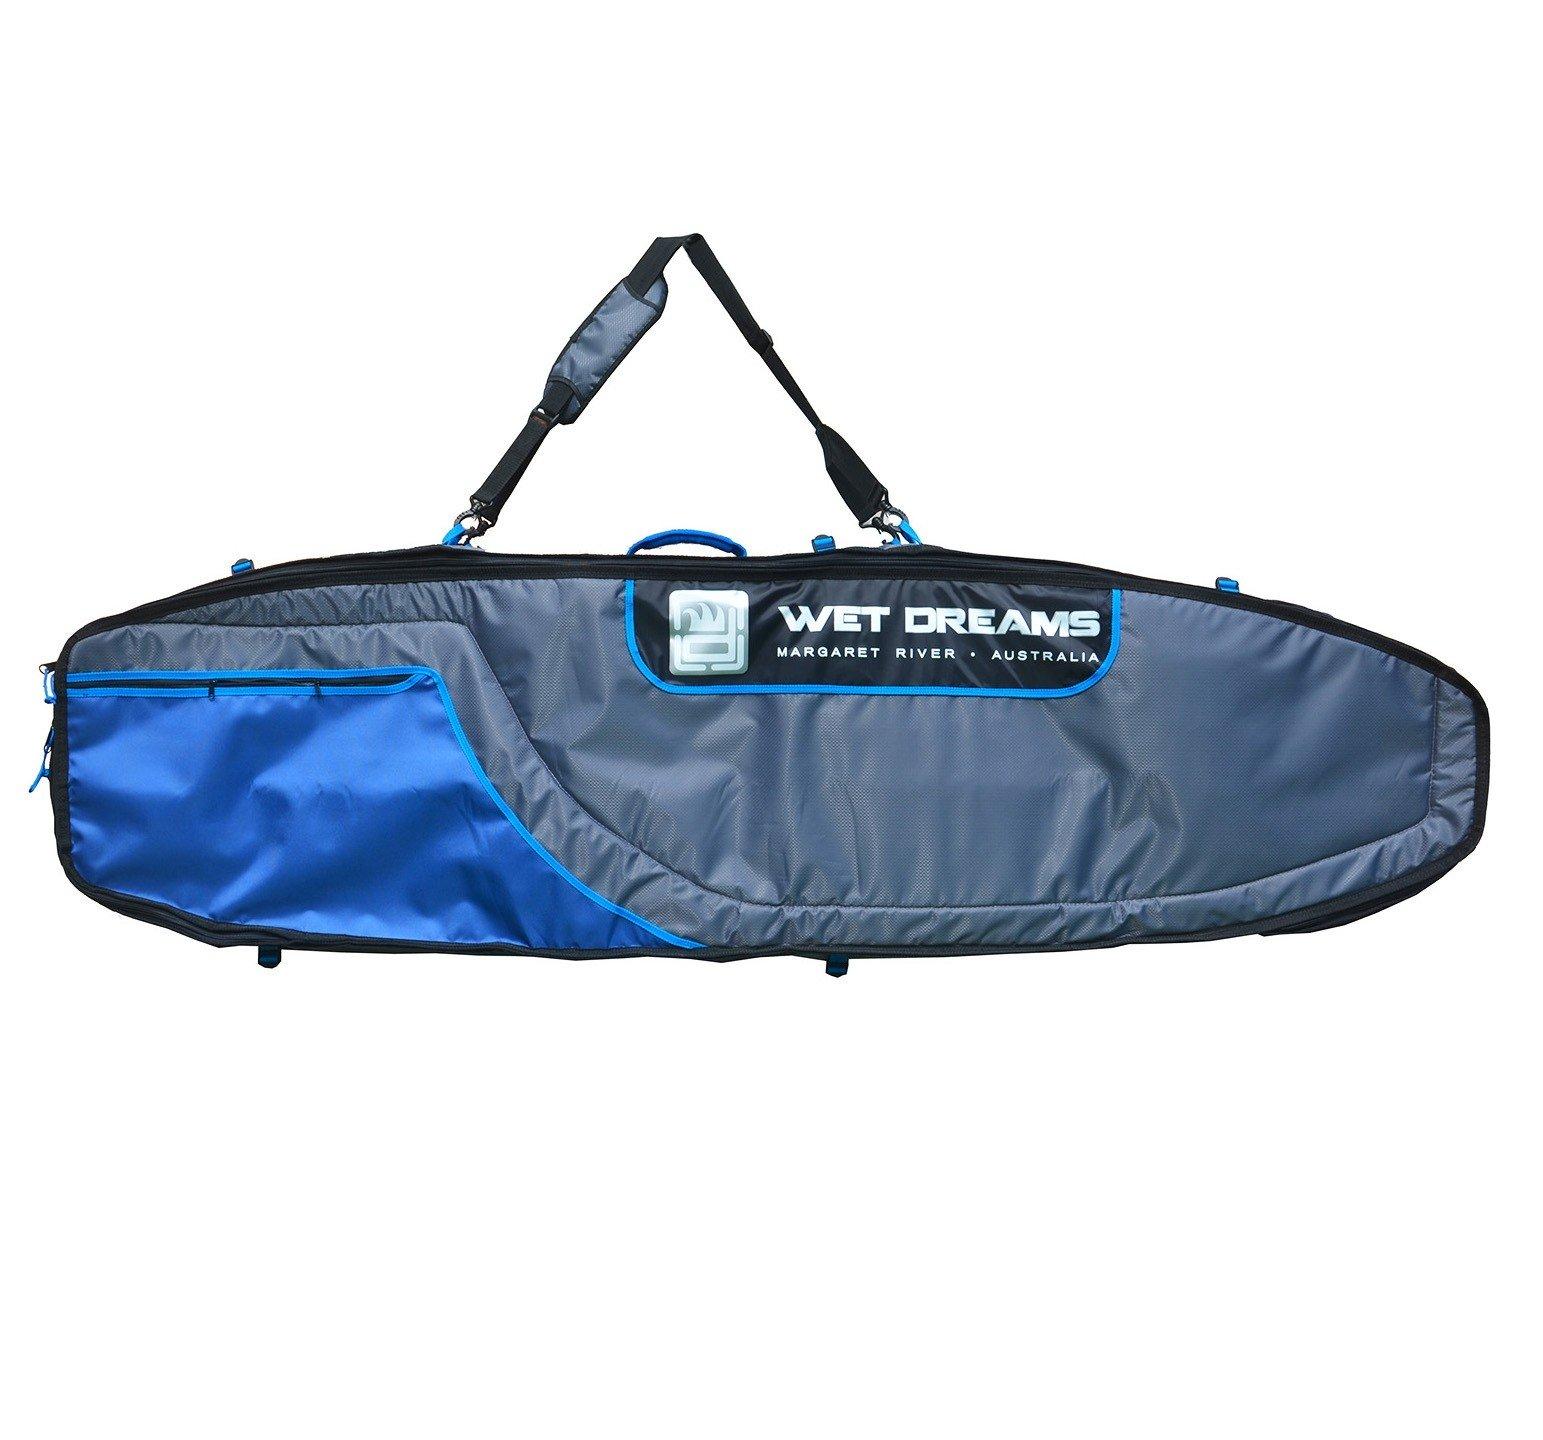 Sarcófago para 3 pranchas de Surf 7'0'' - 2,13m - Wet Dreams   Prancharia